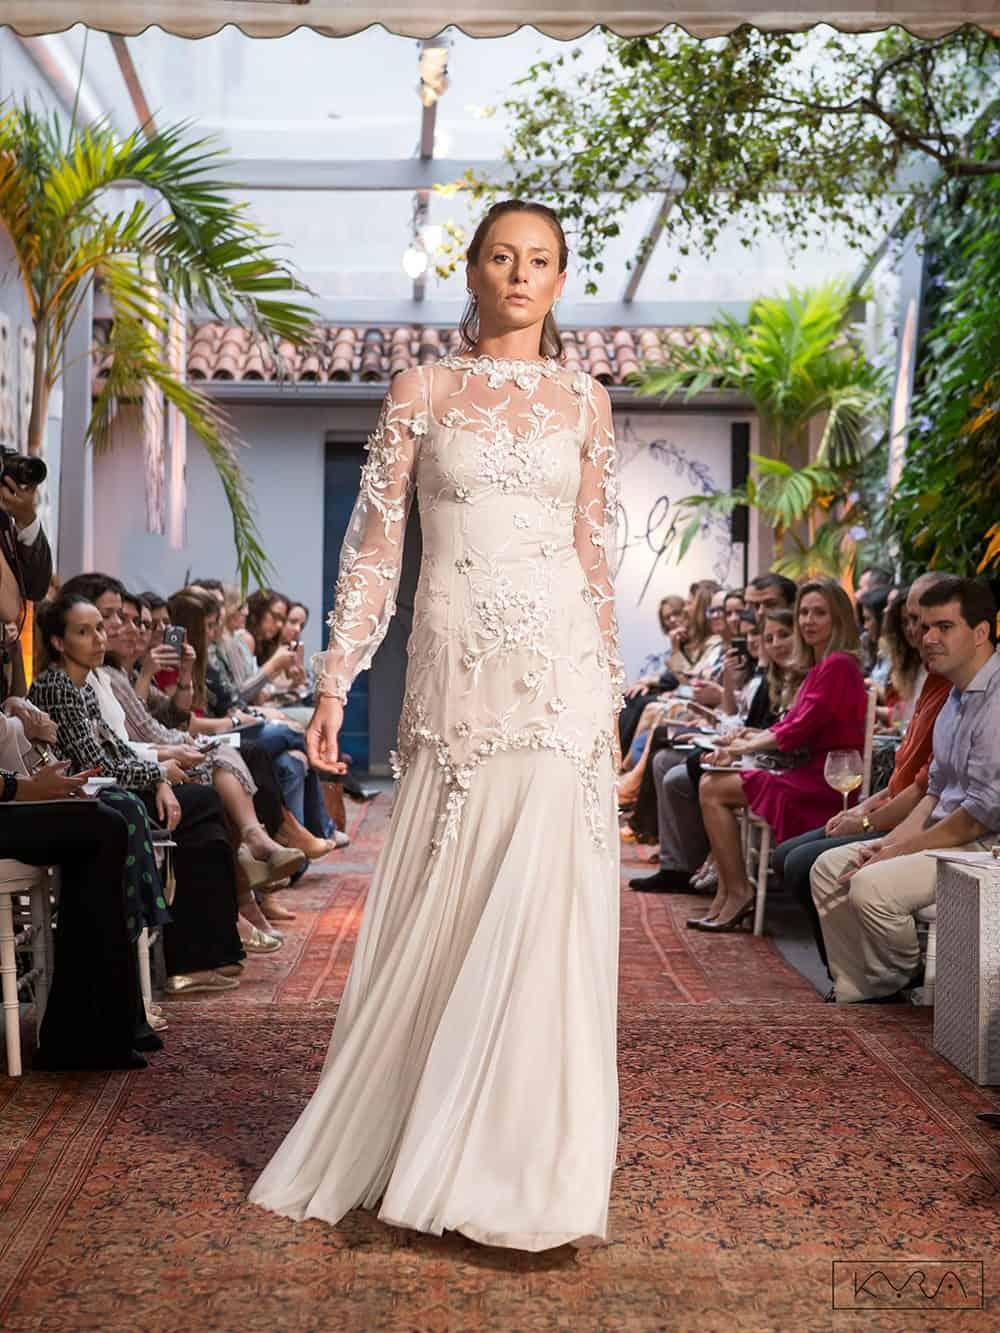 desfile-vestido-de-noiva-entardecer-julia-golldenzon-foto-kyra-mirsky-64